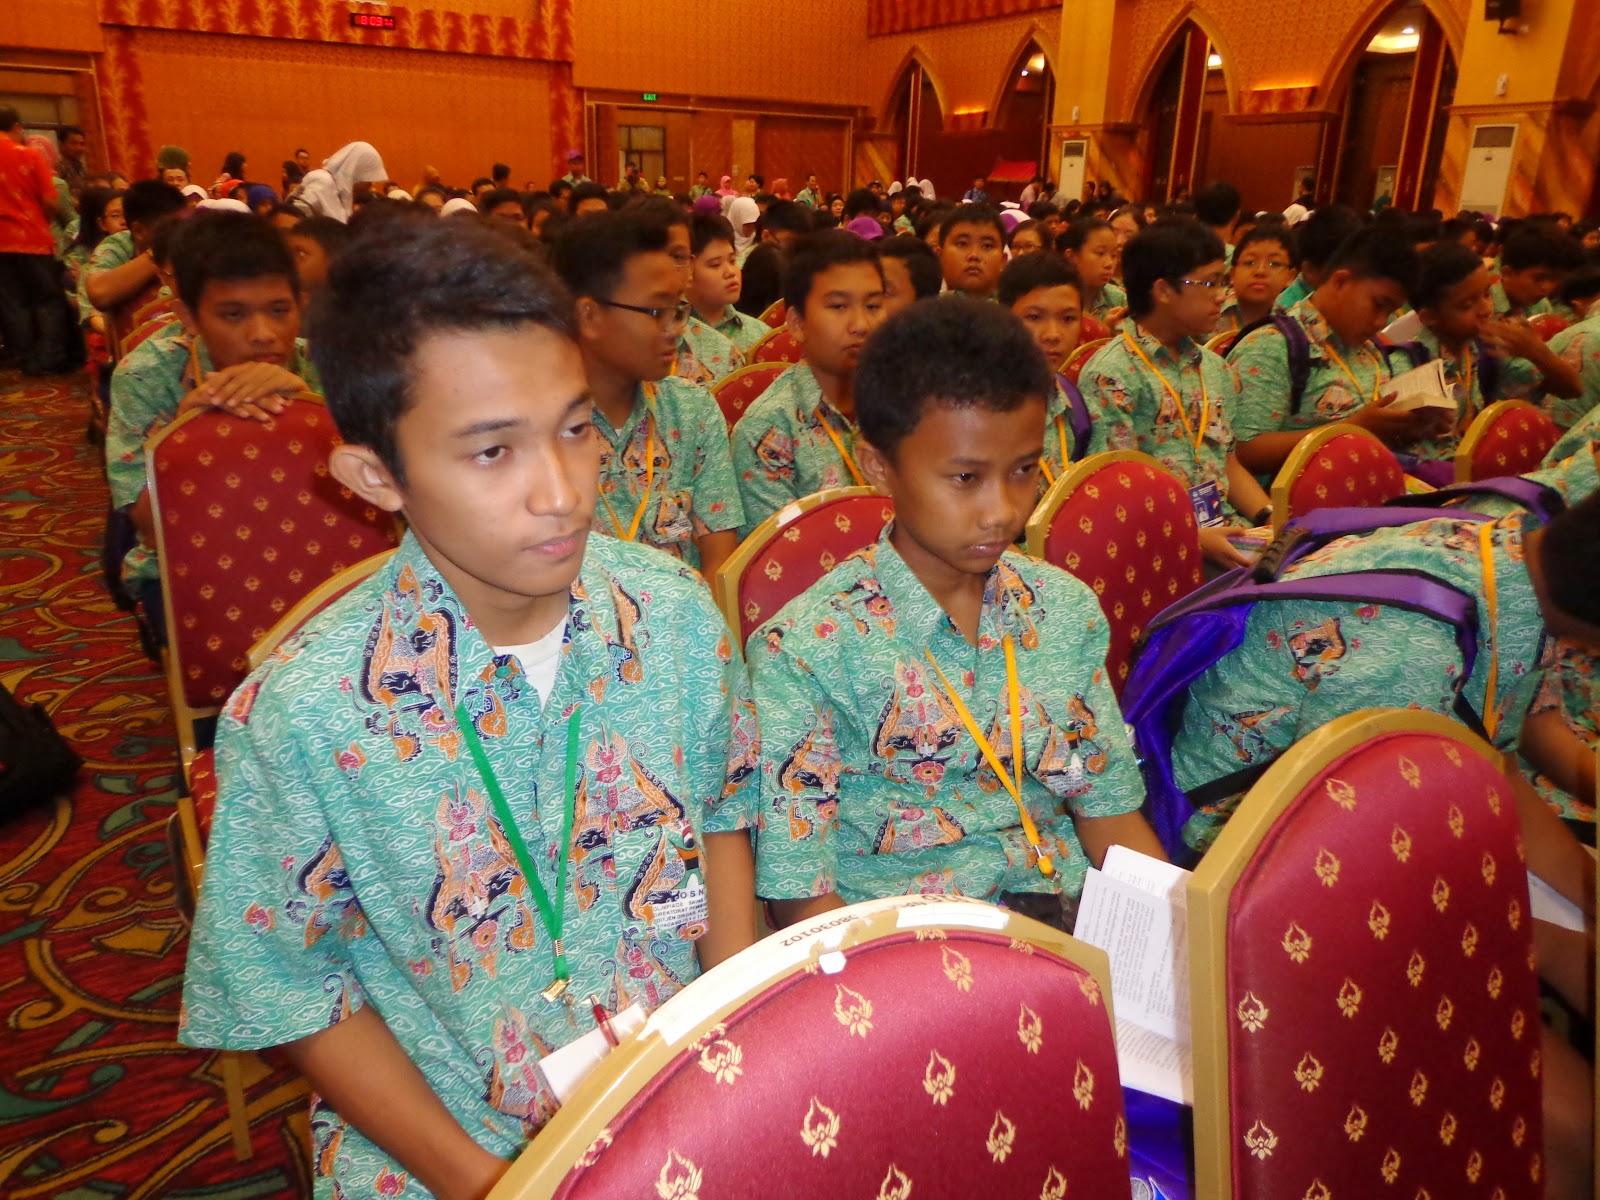 acara pembukaan OSN SMP 2014 dipusatkan di auditorium UPI Padang. Berlangsung pada hari jum'at tanggal 16 Mei 2014